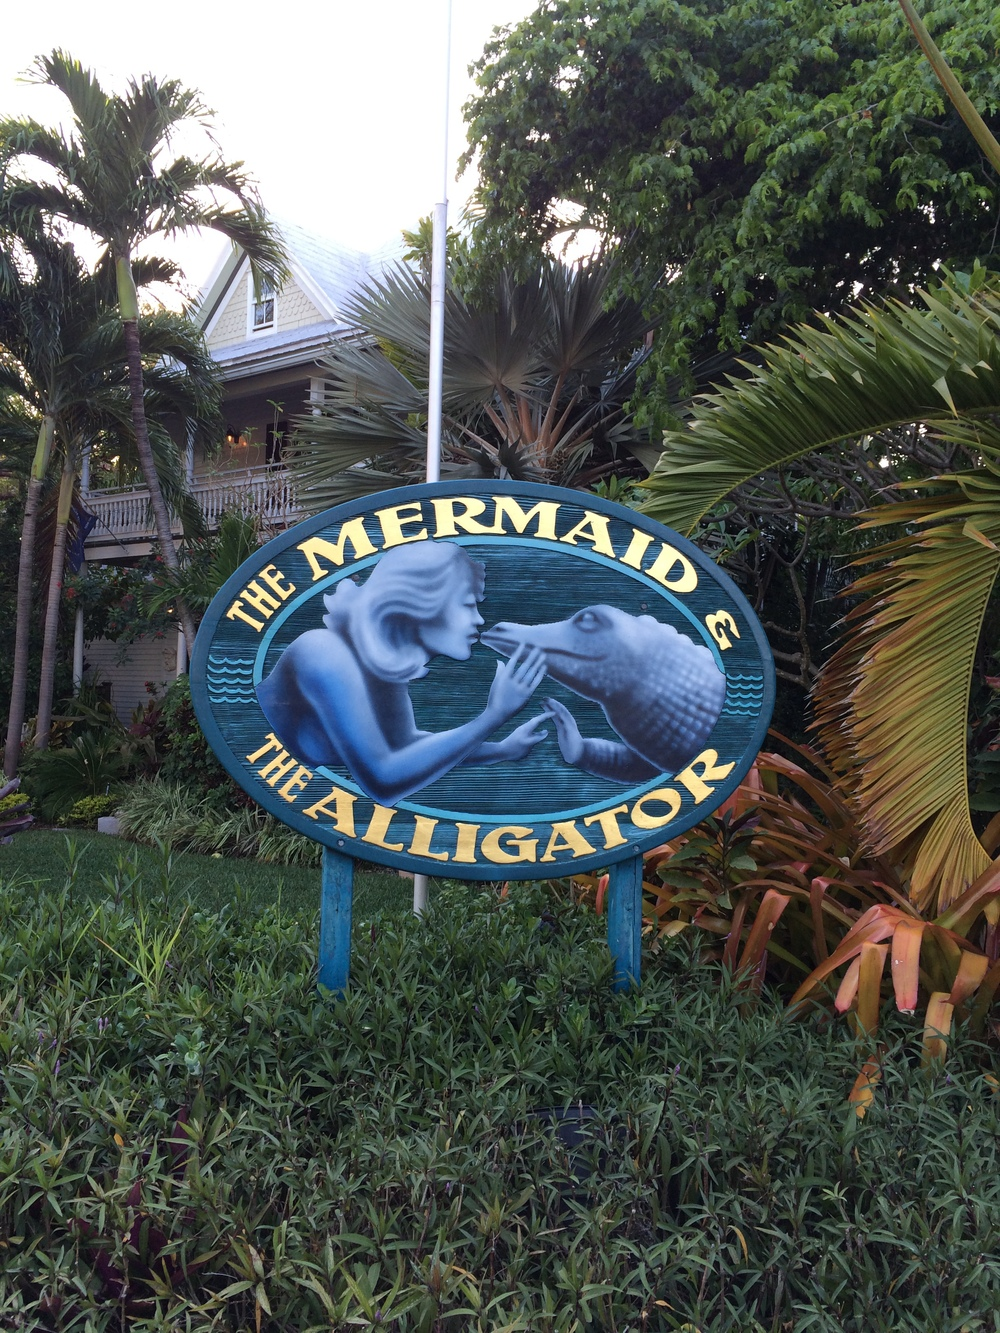 Mermaid And Alligator